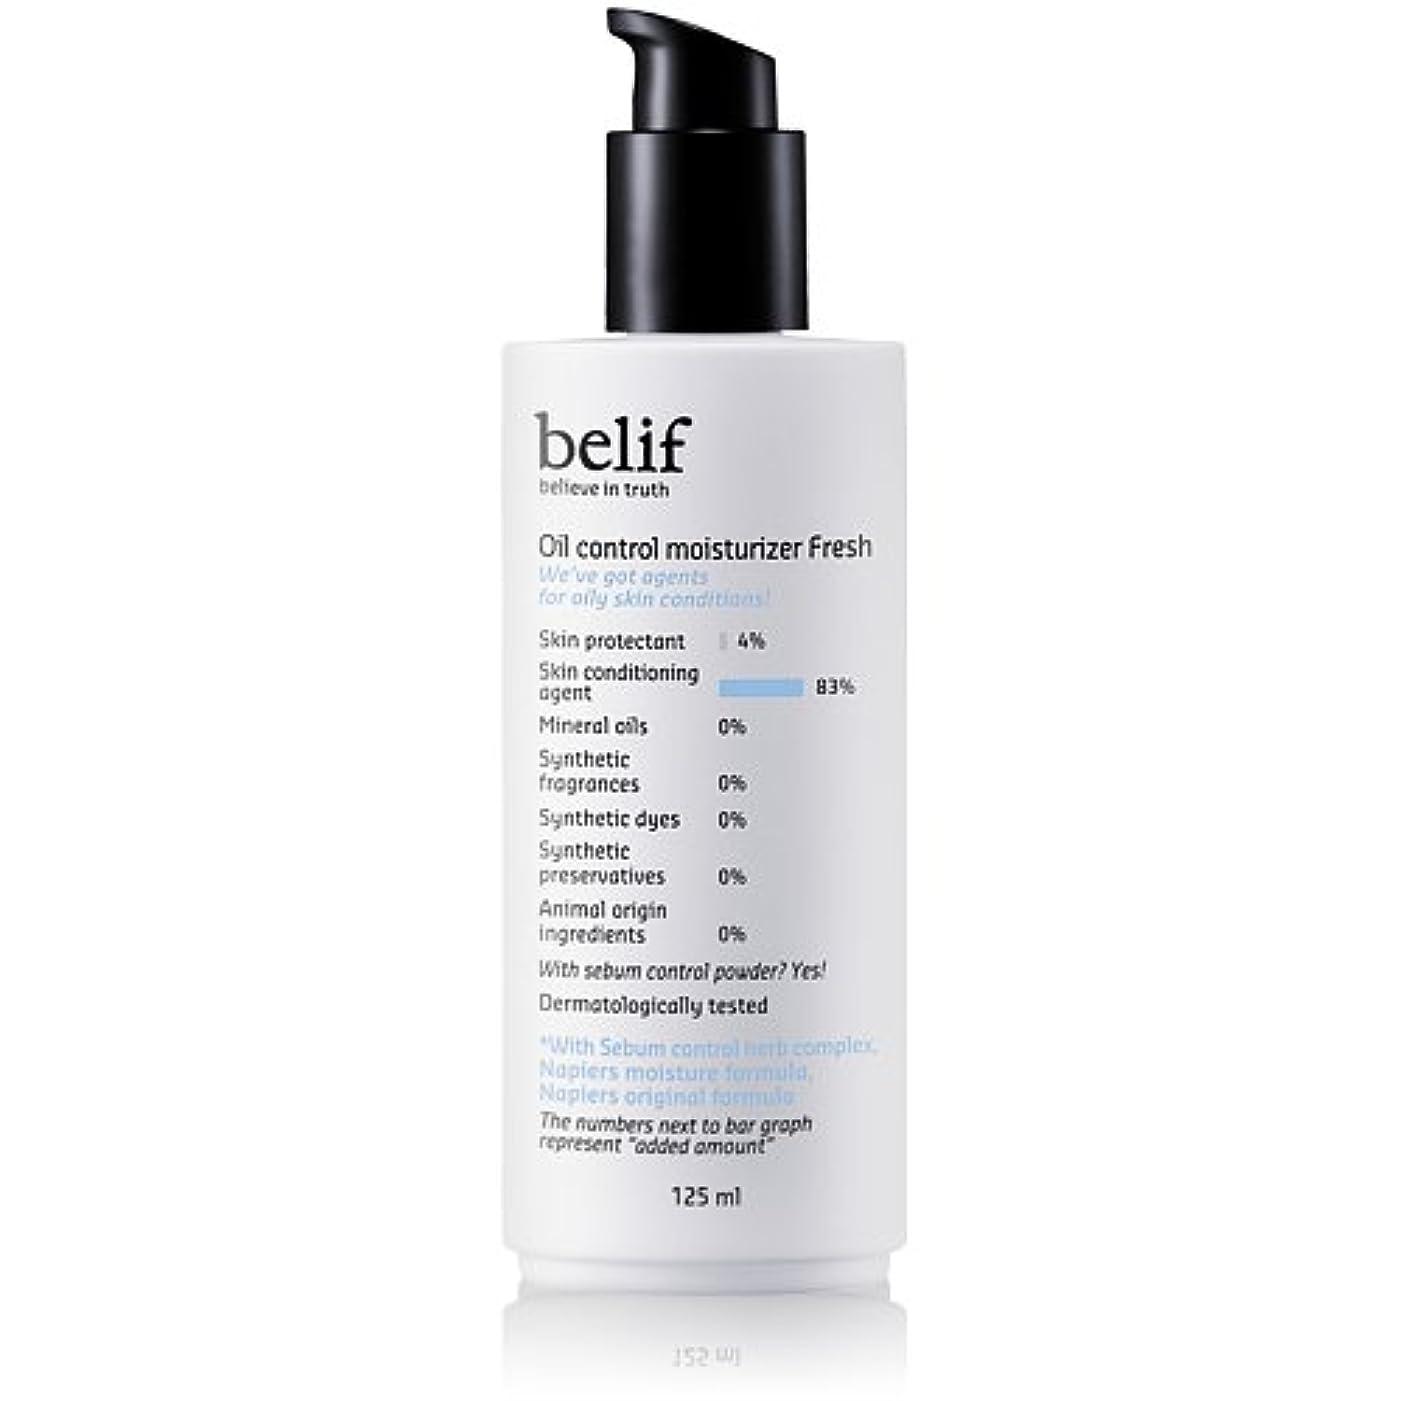 材料手当増幅器Belif(ビリーフ)Oil control moisturizer fresh 125ml/ビリーフオイルコントロールモイスチャライザーフレッシュ?脂性肌用[韓国コスメ/オーガニックコスメ]